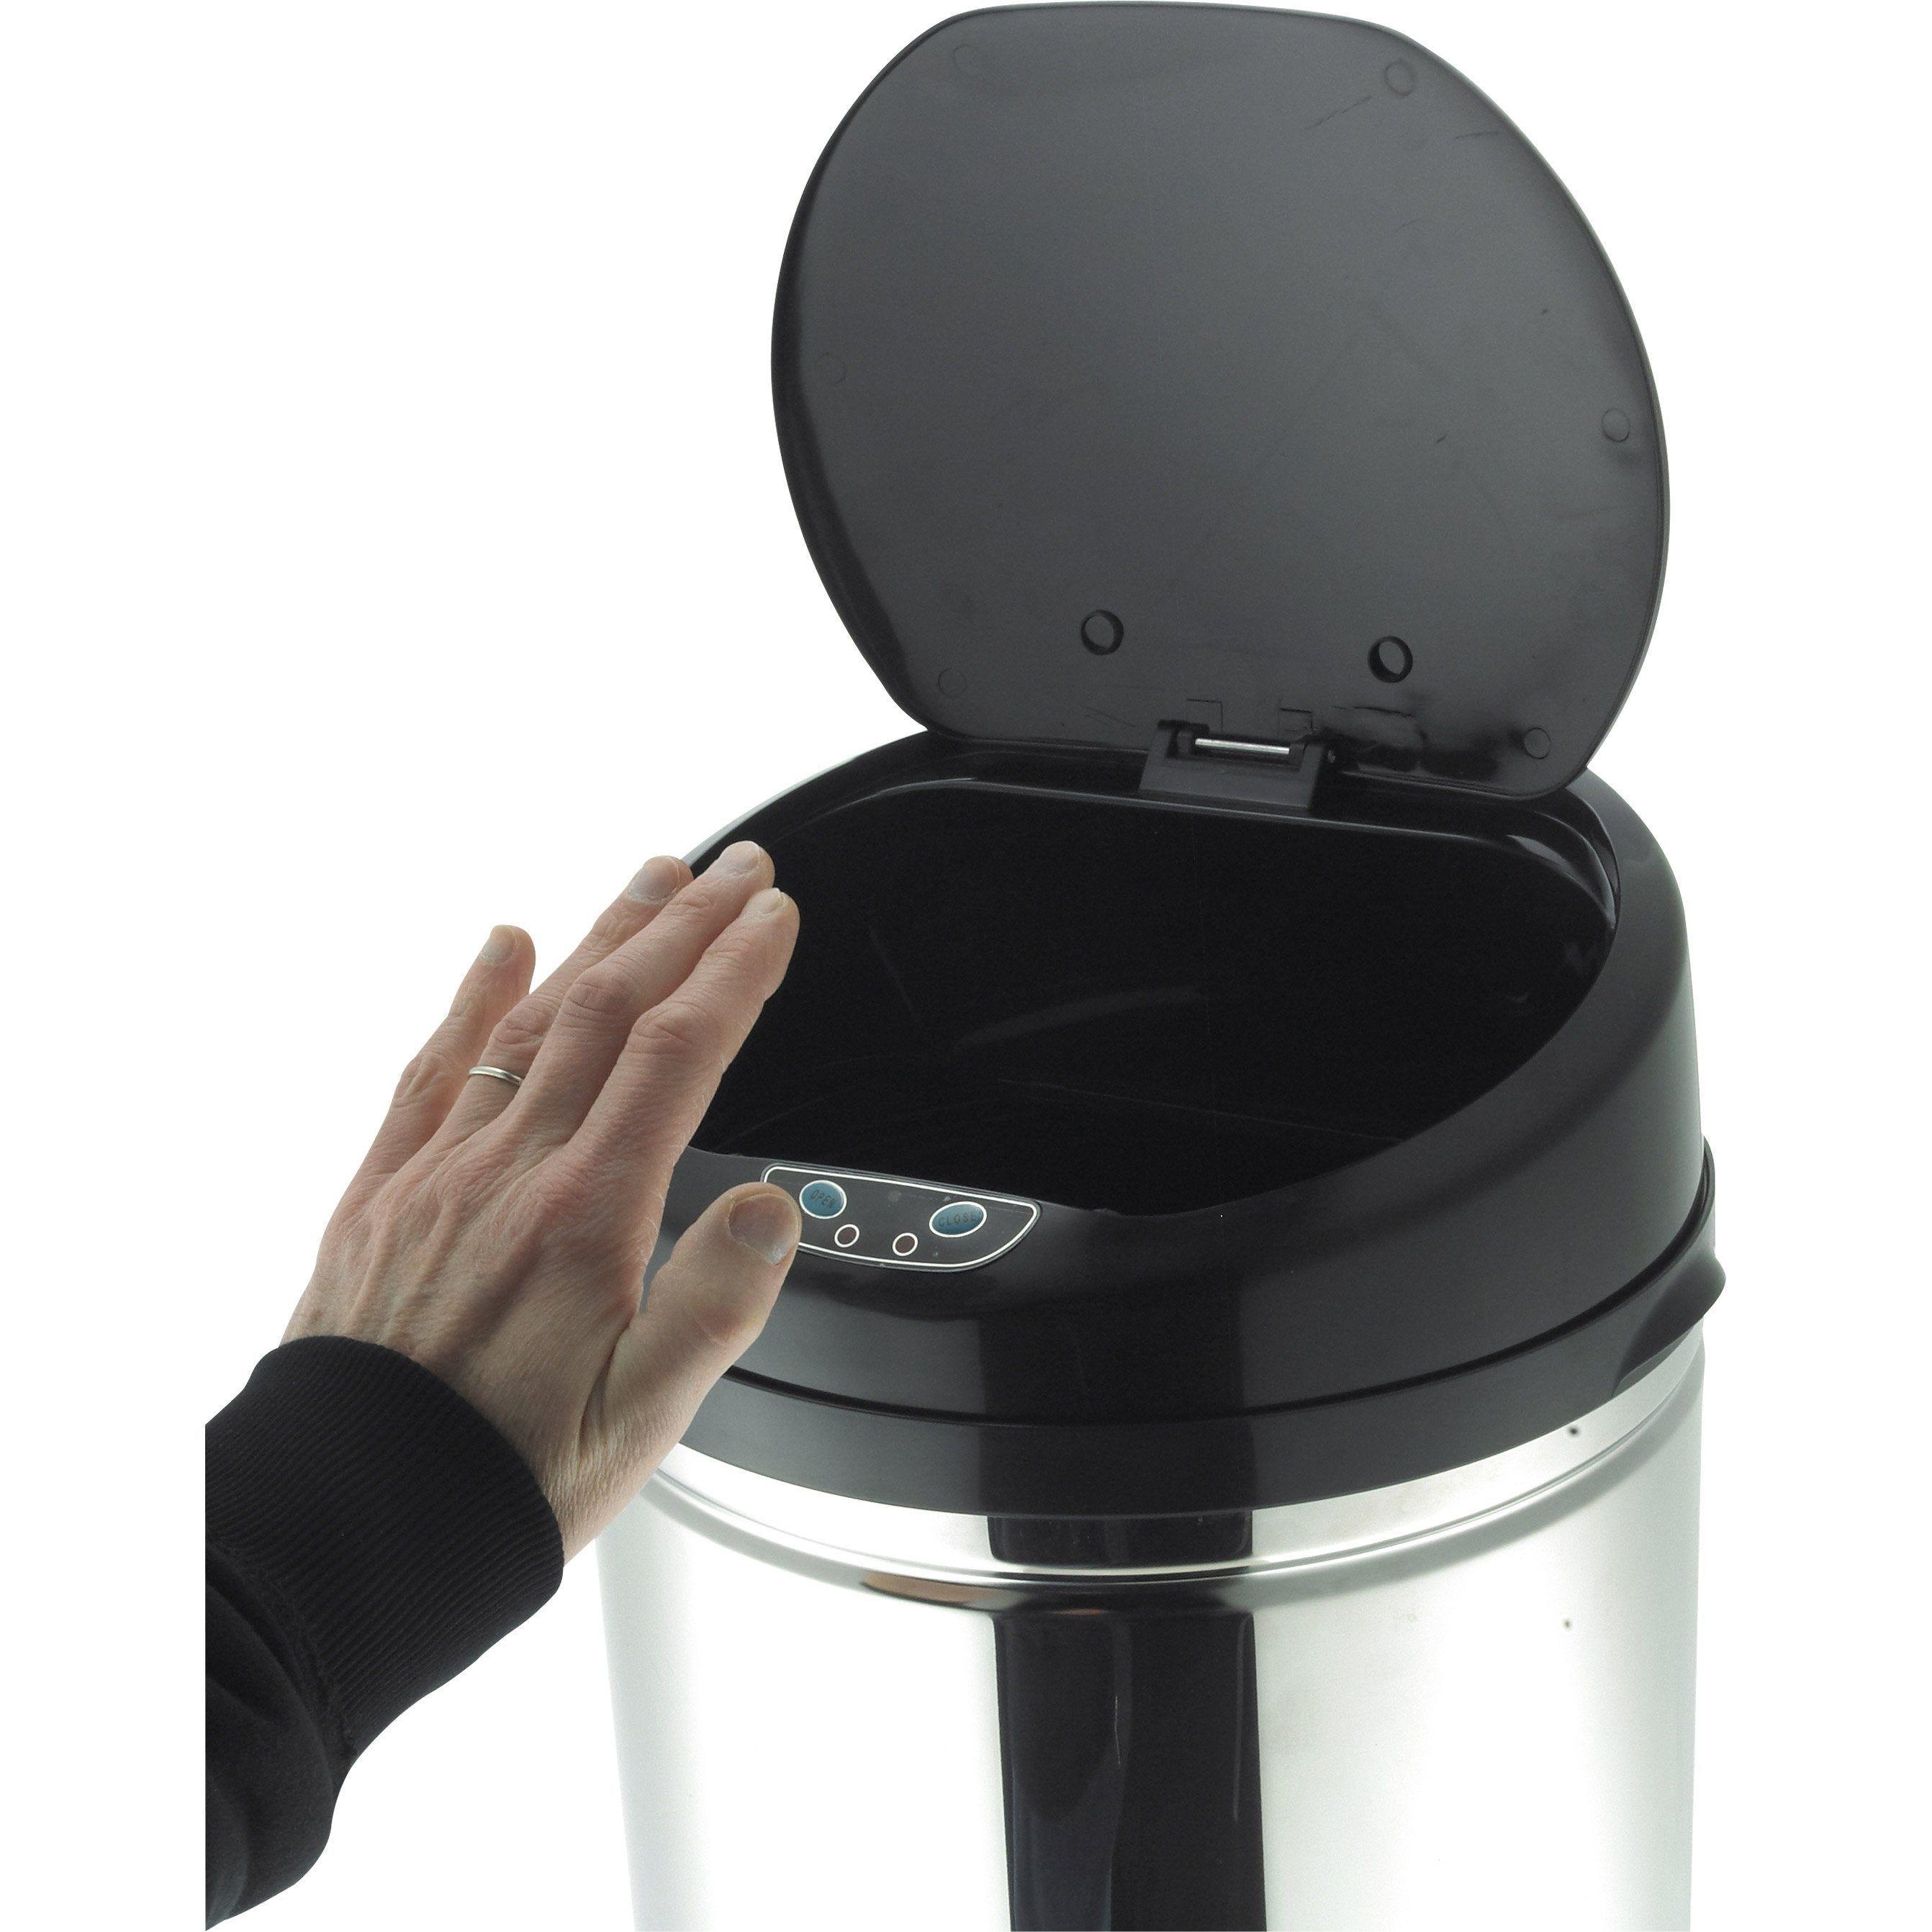 Poubelle De Cuisine Automatique Hailo Plastique Inox 50 L Poubelle Cuisine Poubelle Et Cuisine Leroy Merlin